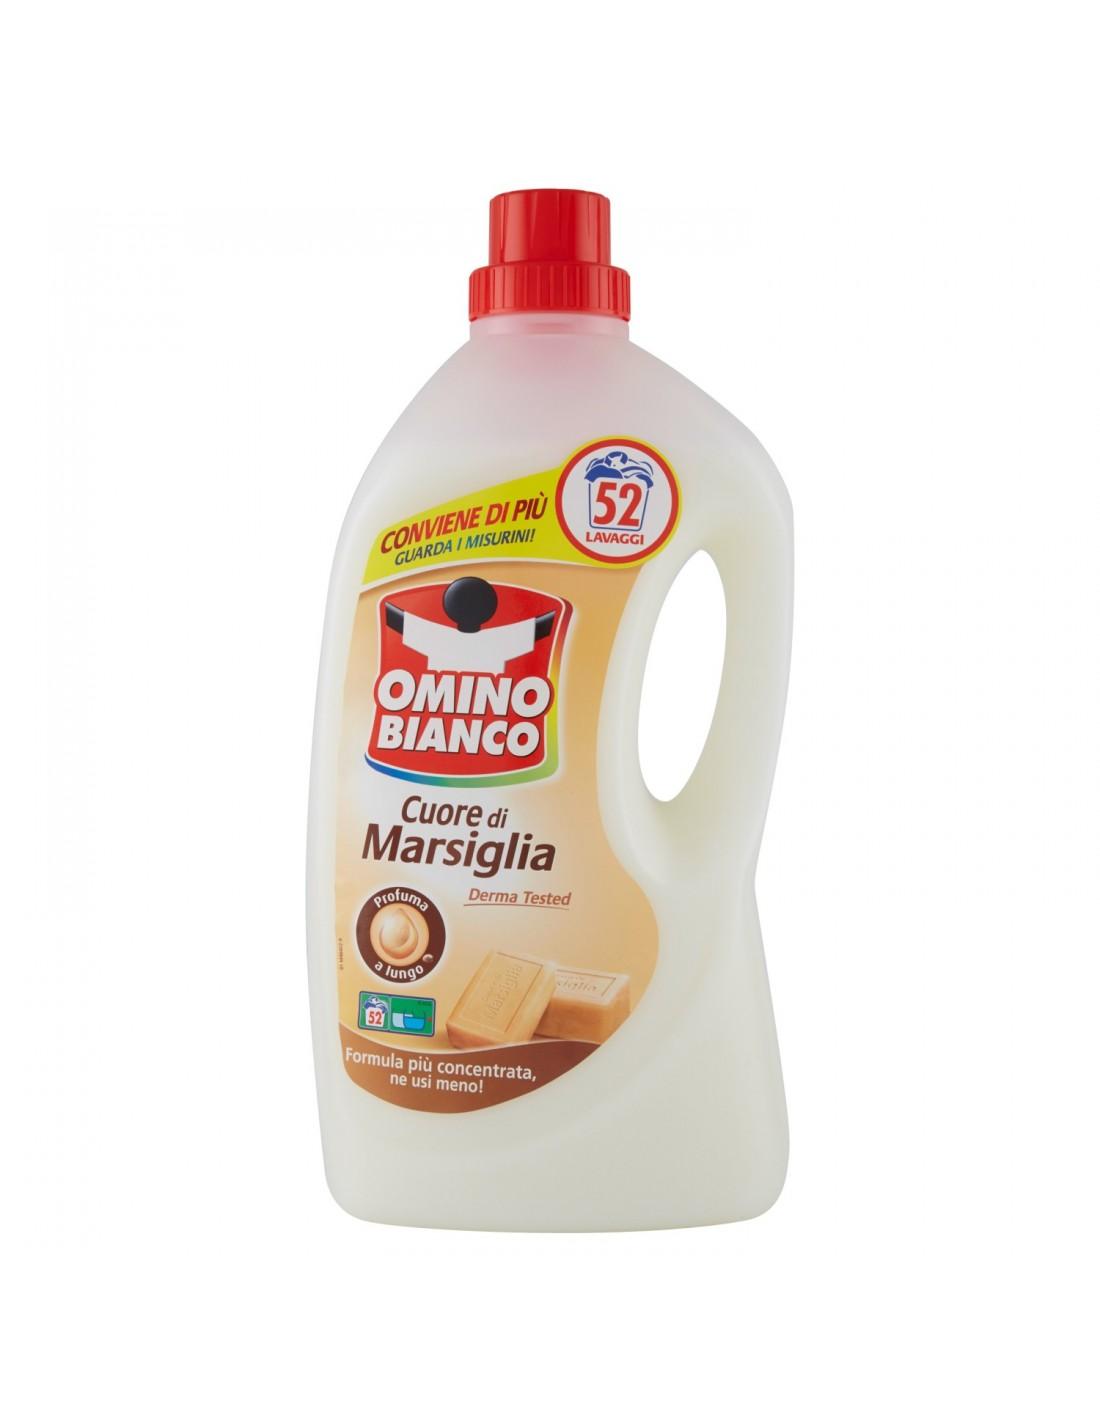 Omino Bianco Cuore di Marsiglia, prací gel 2,6 l. 52 PD